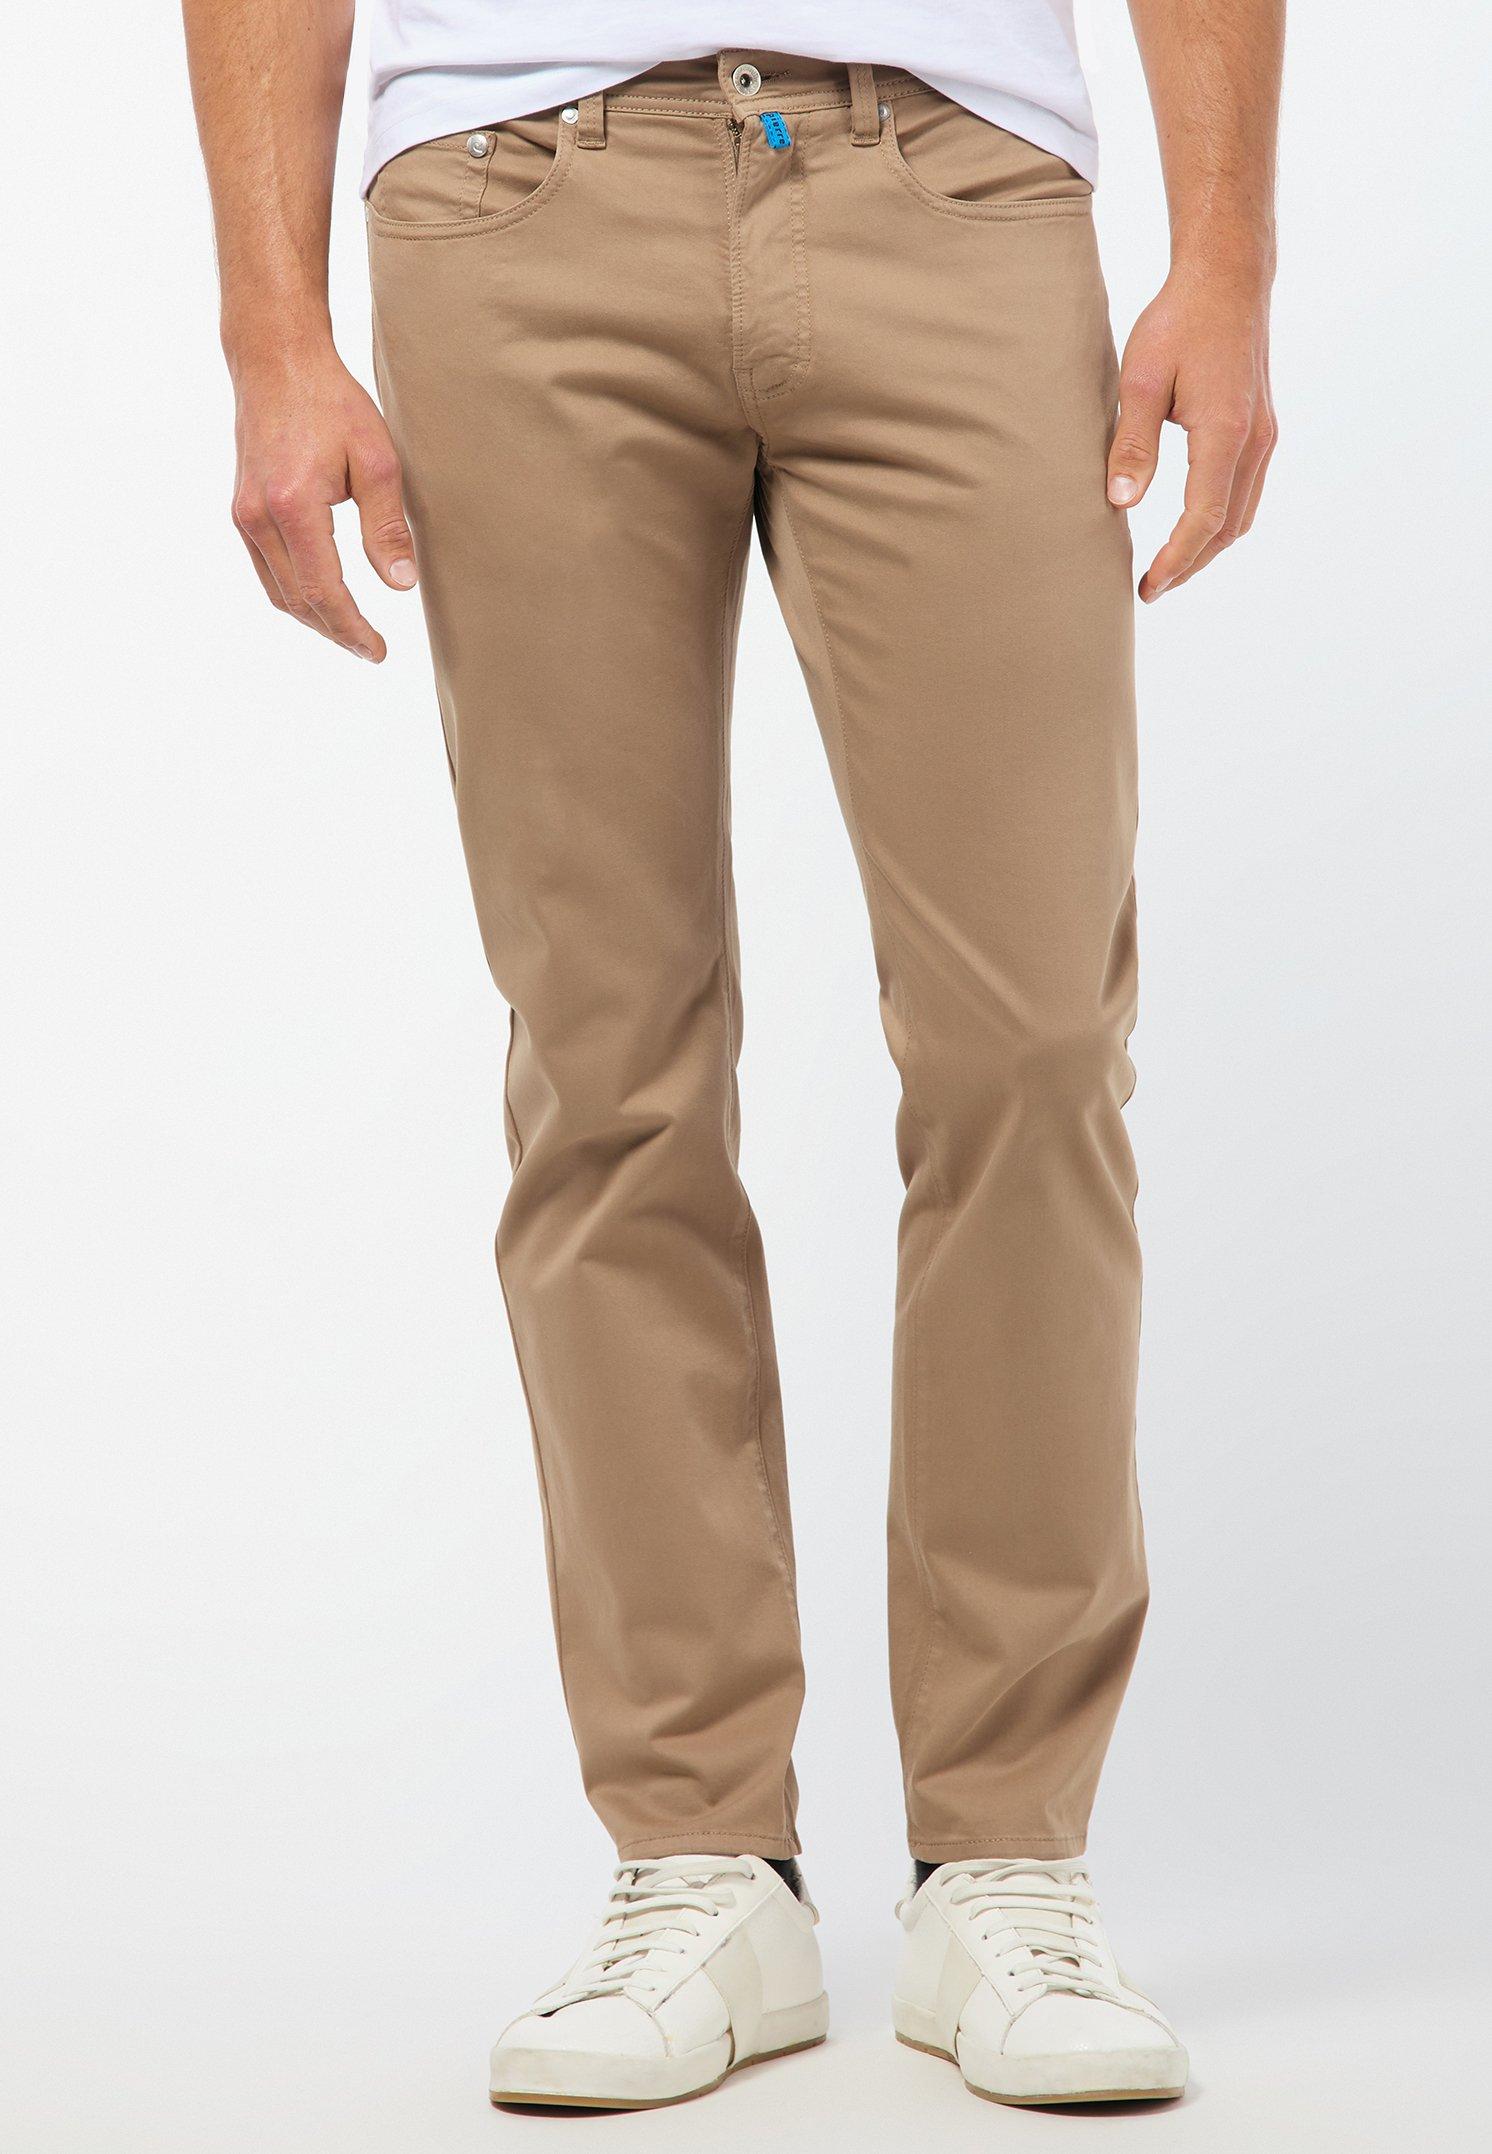 Heren jeans Maat 68 online kopen   Gratis verzending   ZALANDO